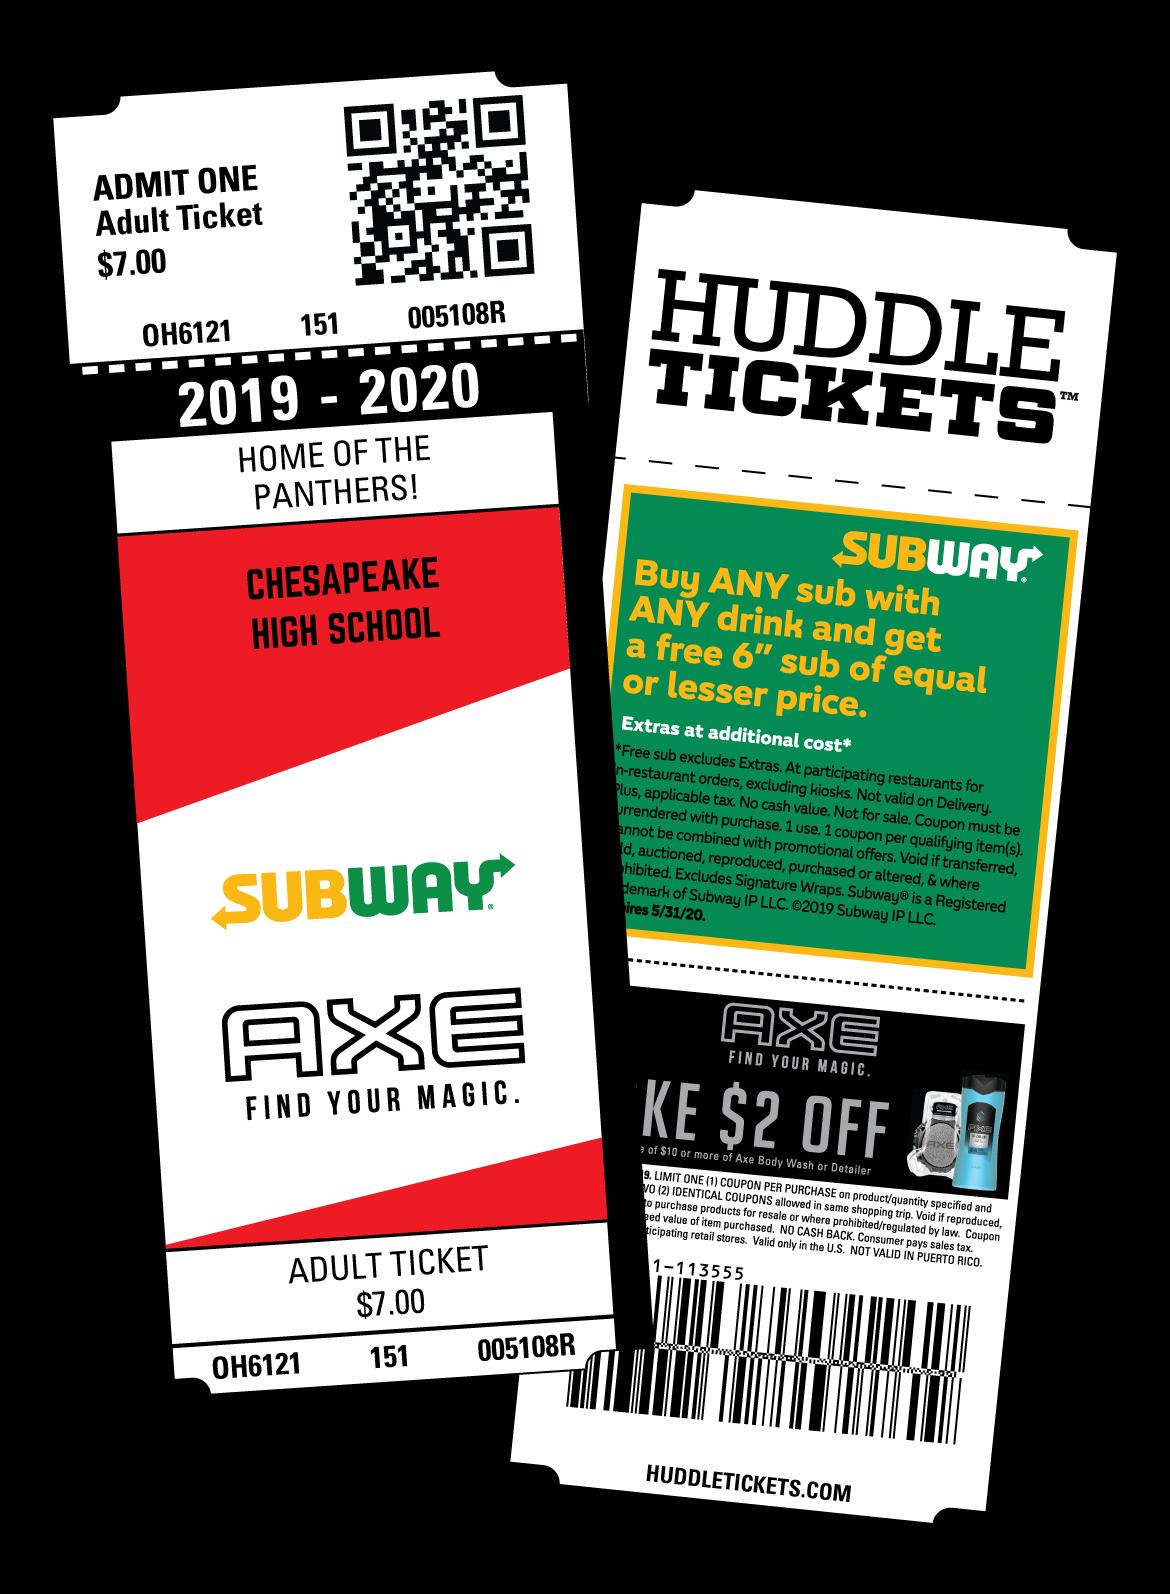 HuddleTickets2019_Assets_Huddle Tickets.png